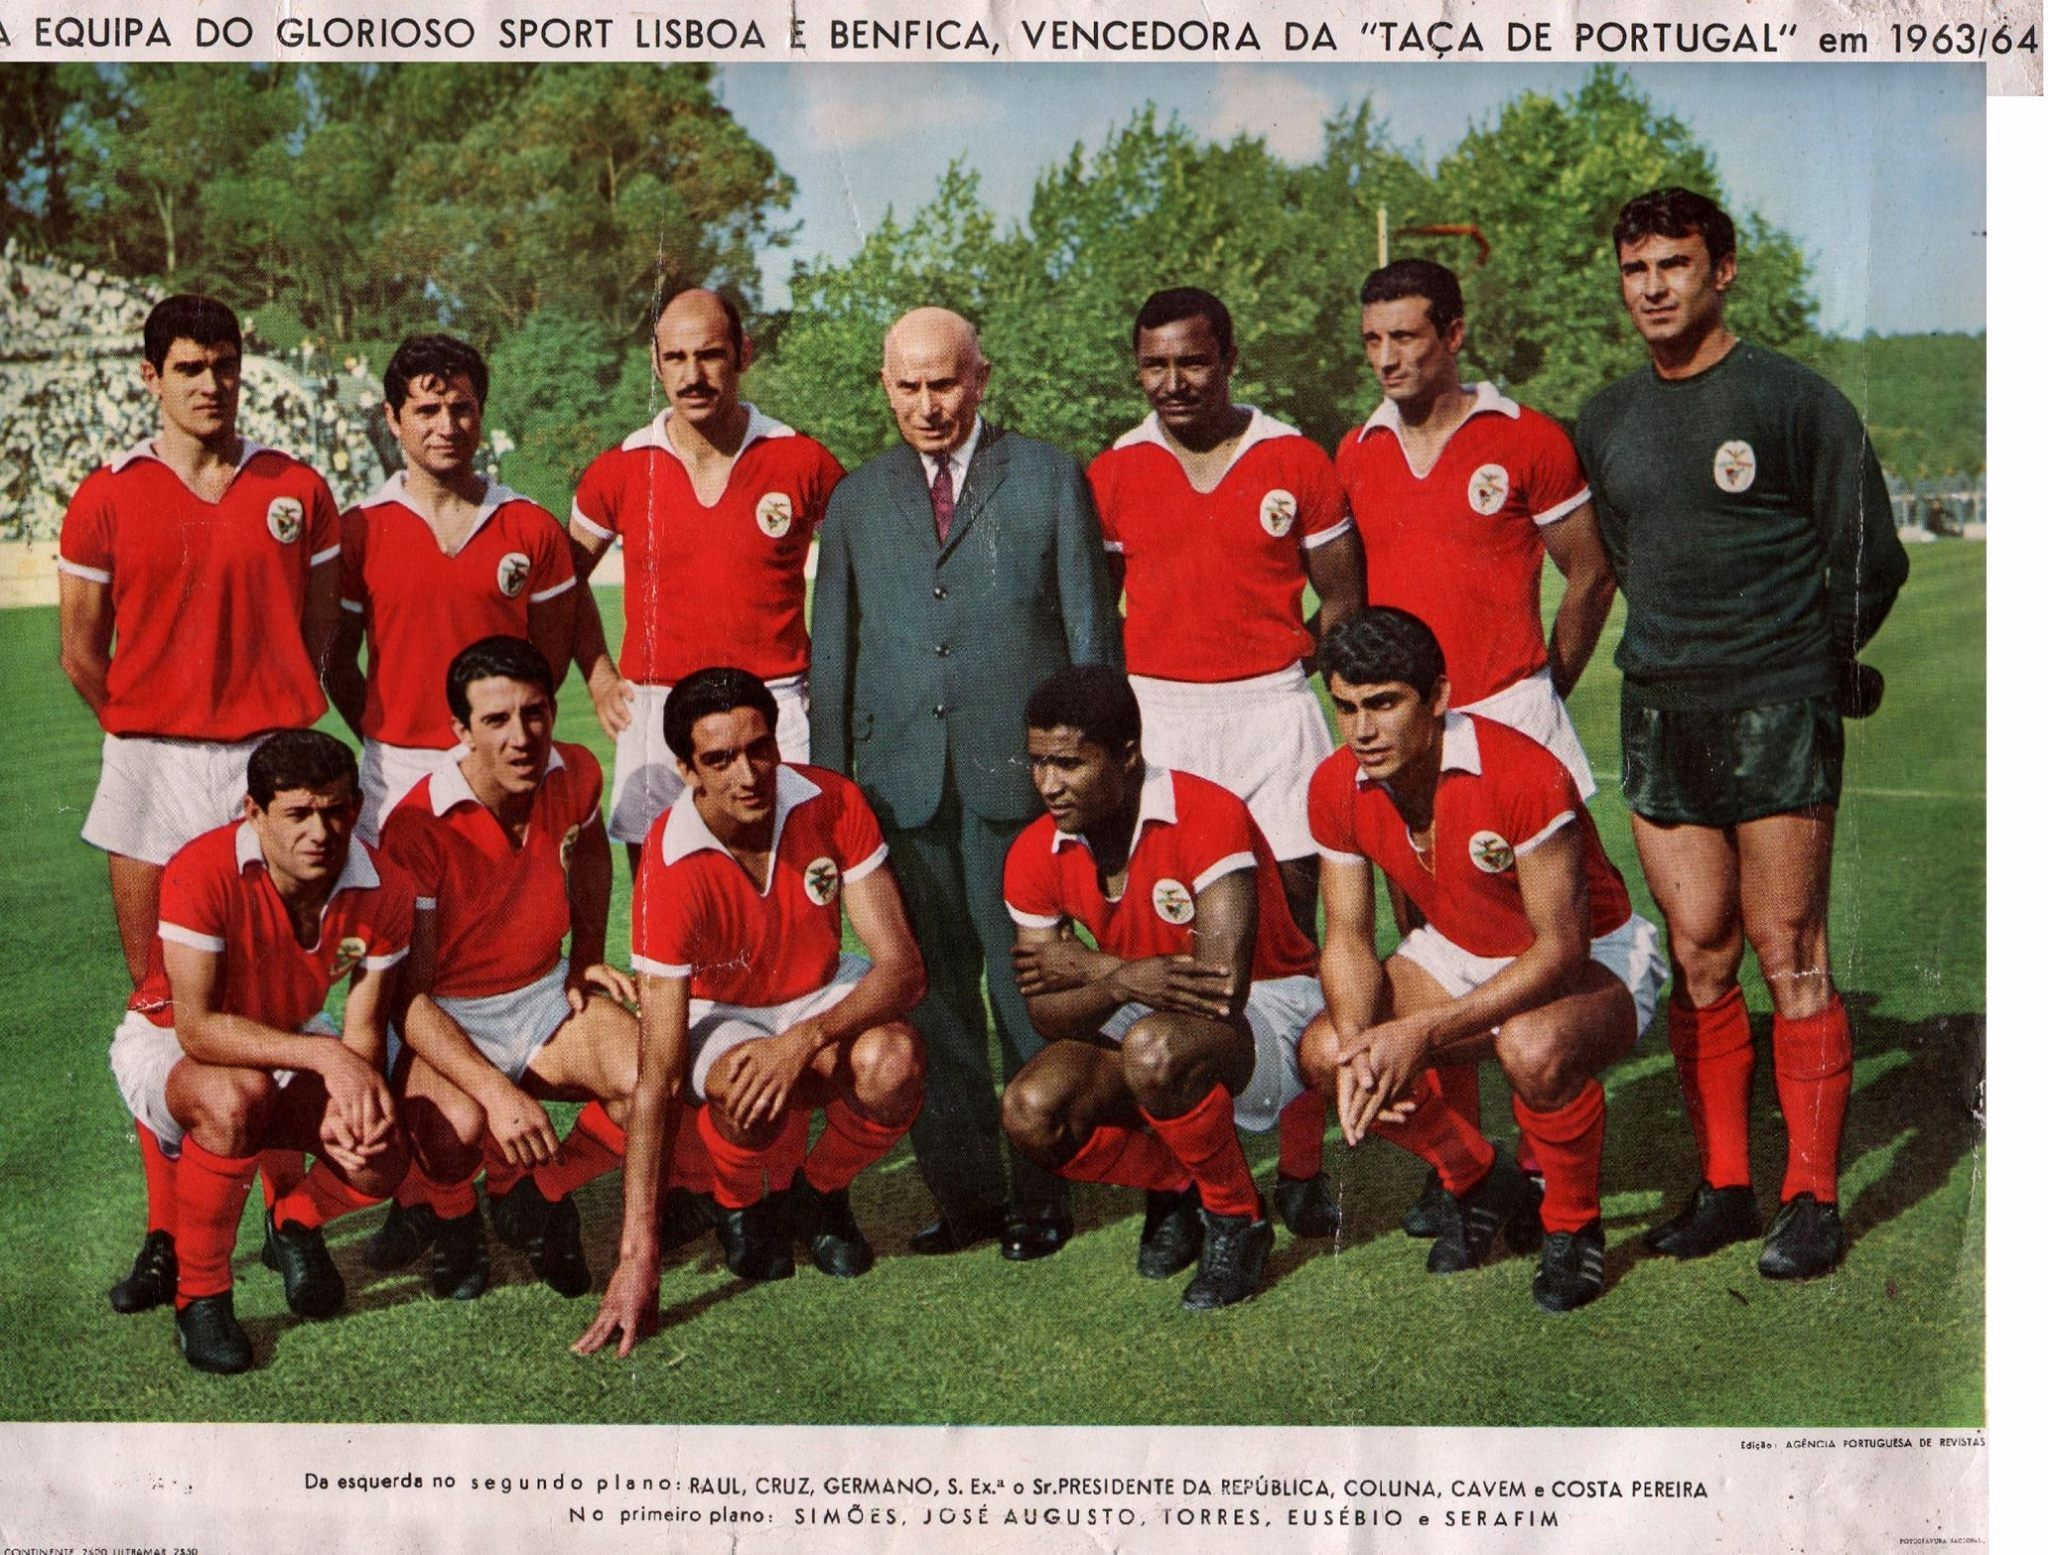 Chalana Benfica: Benfica, Vencedor Da Taça De Portugal, 1963/64 Com O